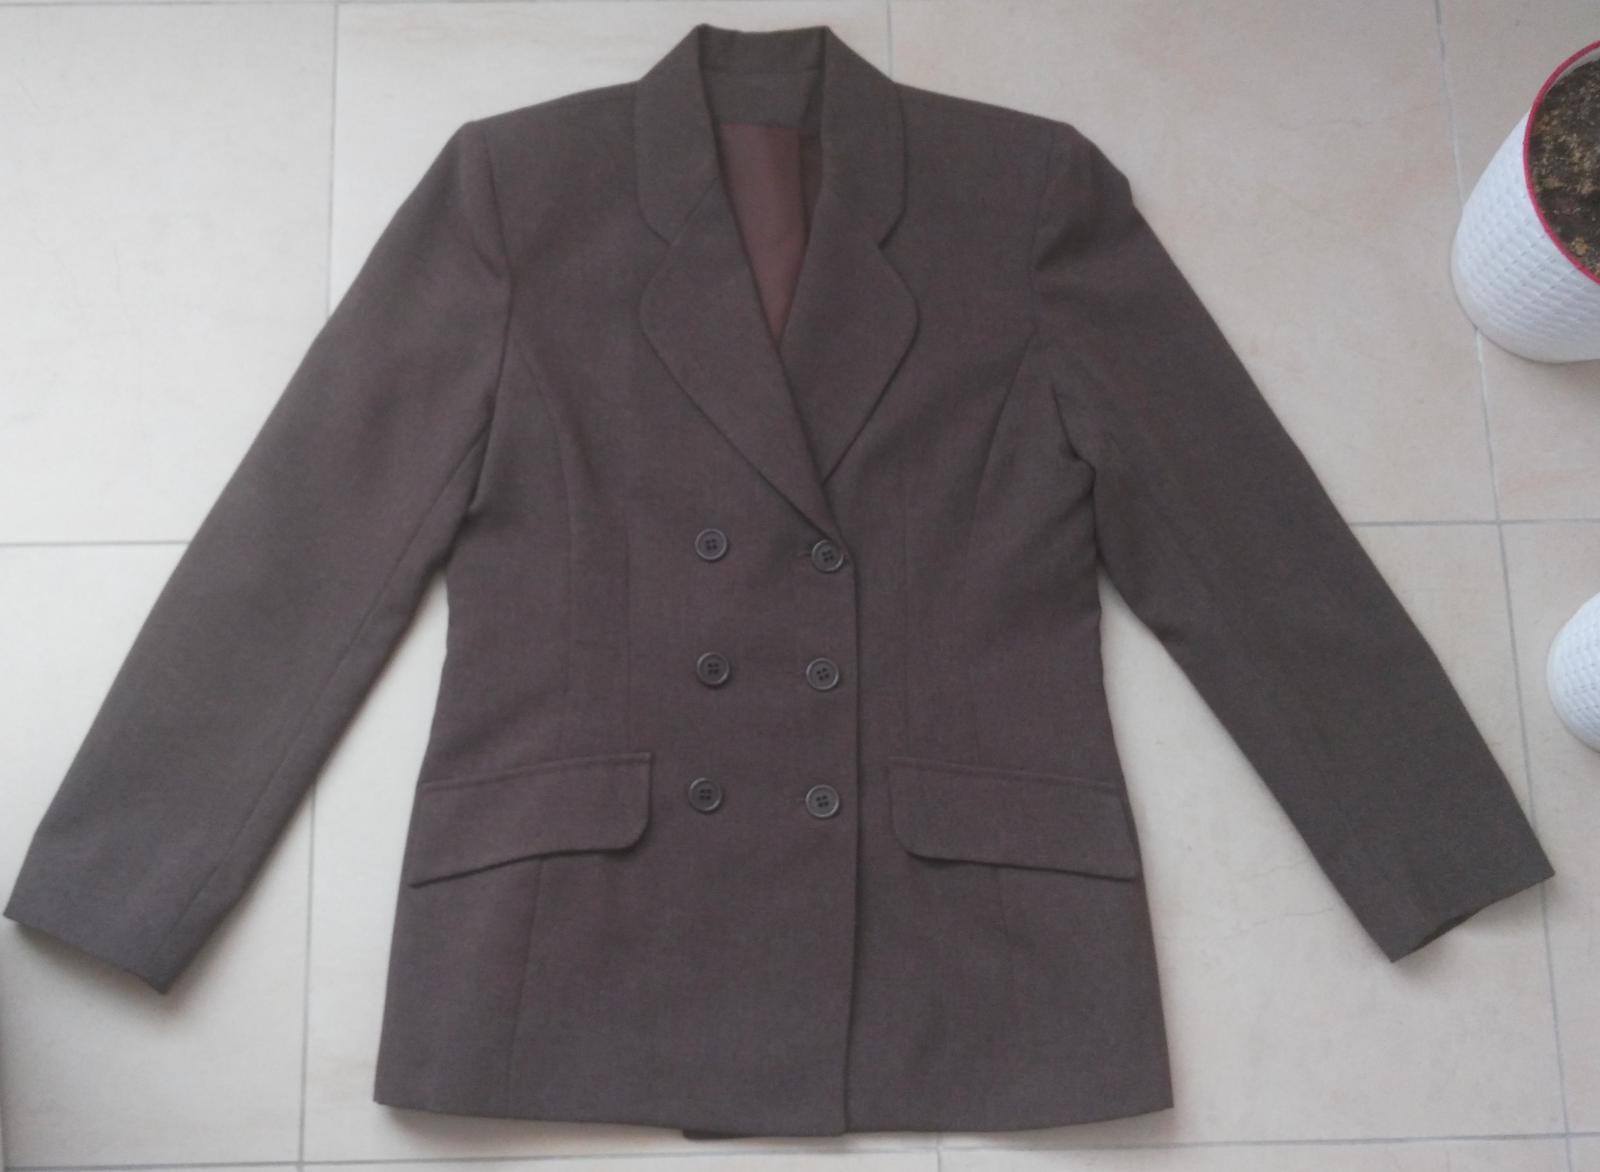 6a19607cdf43 Hnedý kostým sako + nohavice 38 m